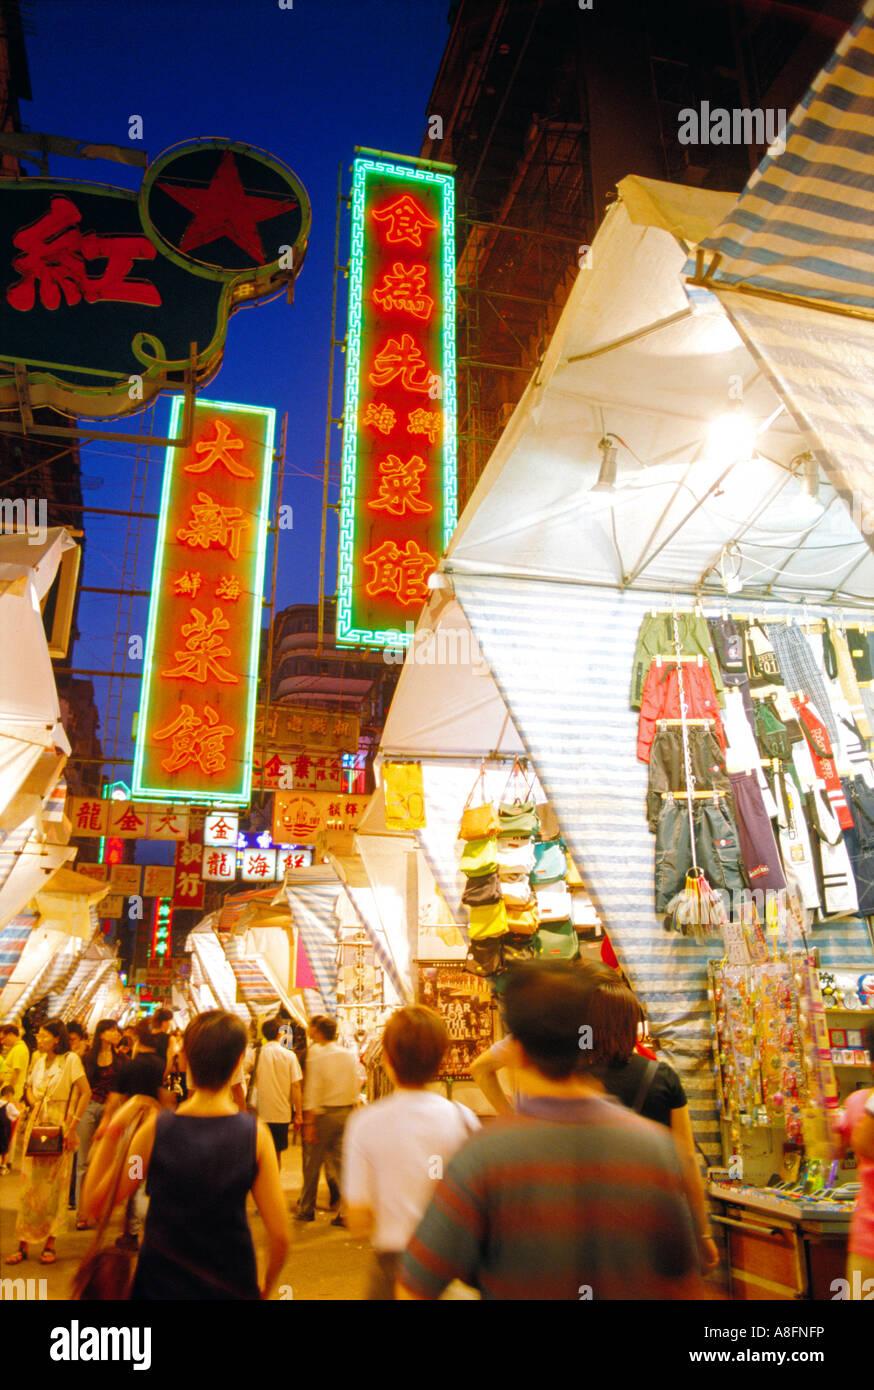 Woman street lady street night market yaumatei Mongkok kowloon hong kong china - Stock Image